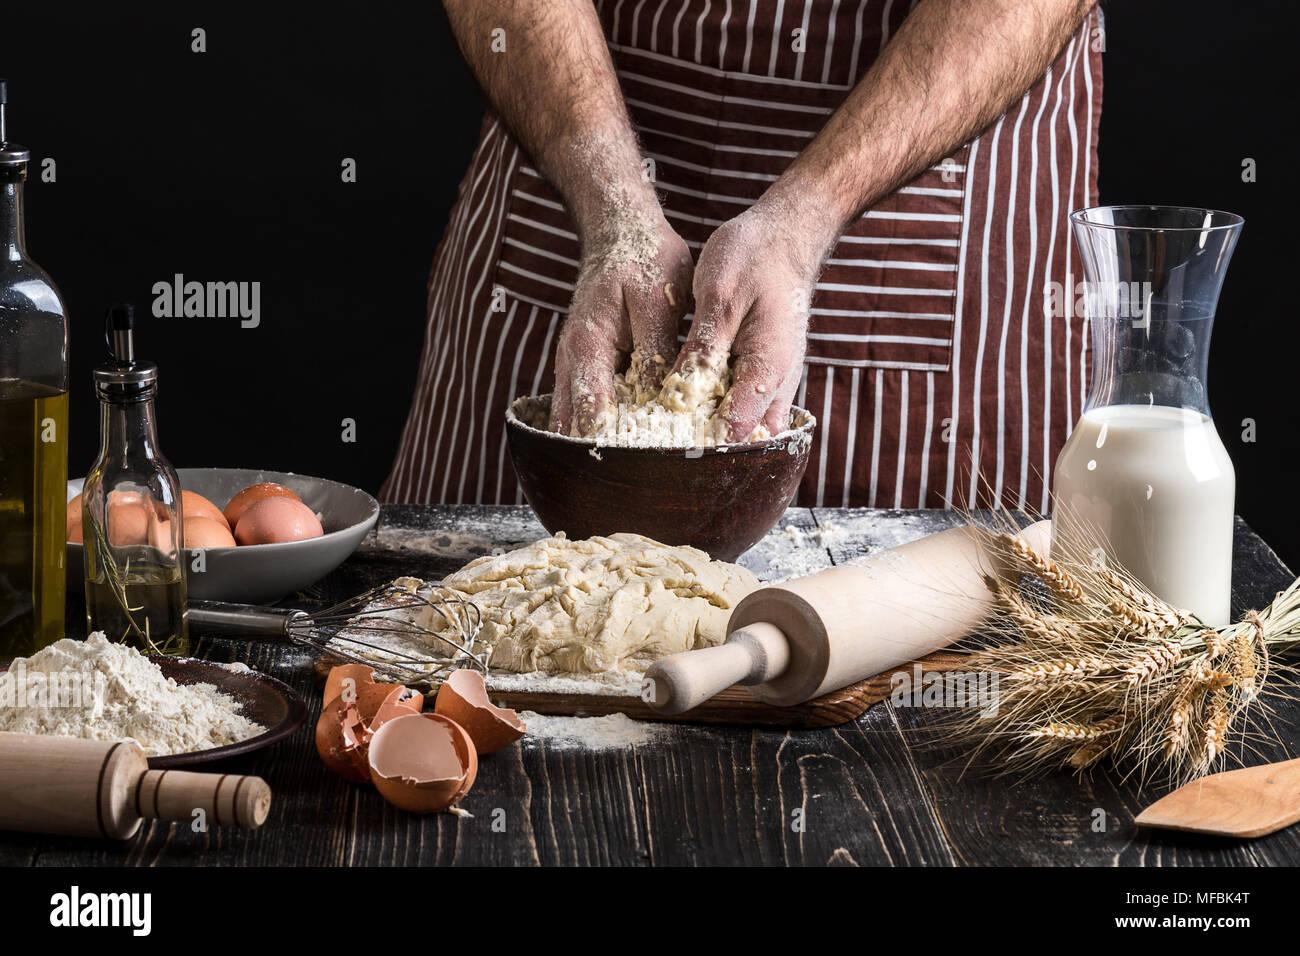 Contra el telón de fondo de las manos del hombre amase la mezcla. Ingredientes para cocinar productos de harina o masa de pan, magdalenas, circulares, masa para pizza . Imagen De Stock